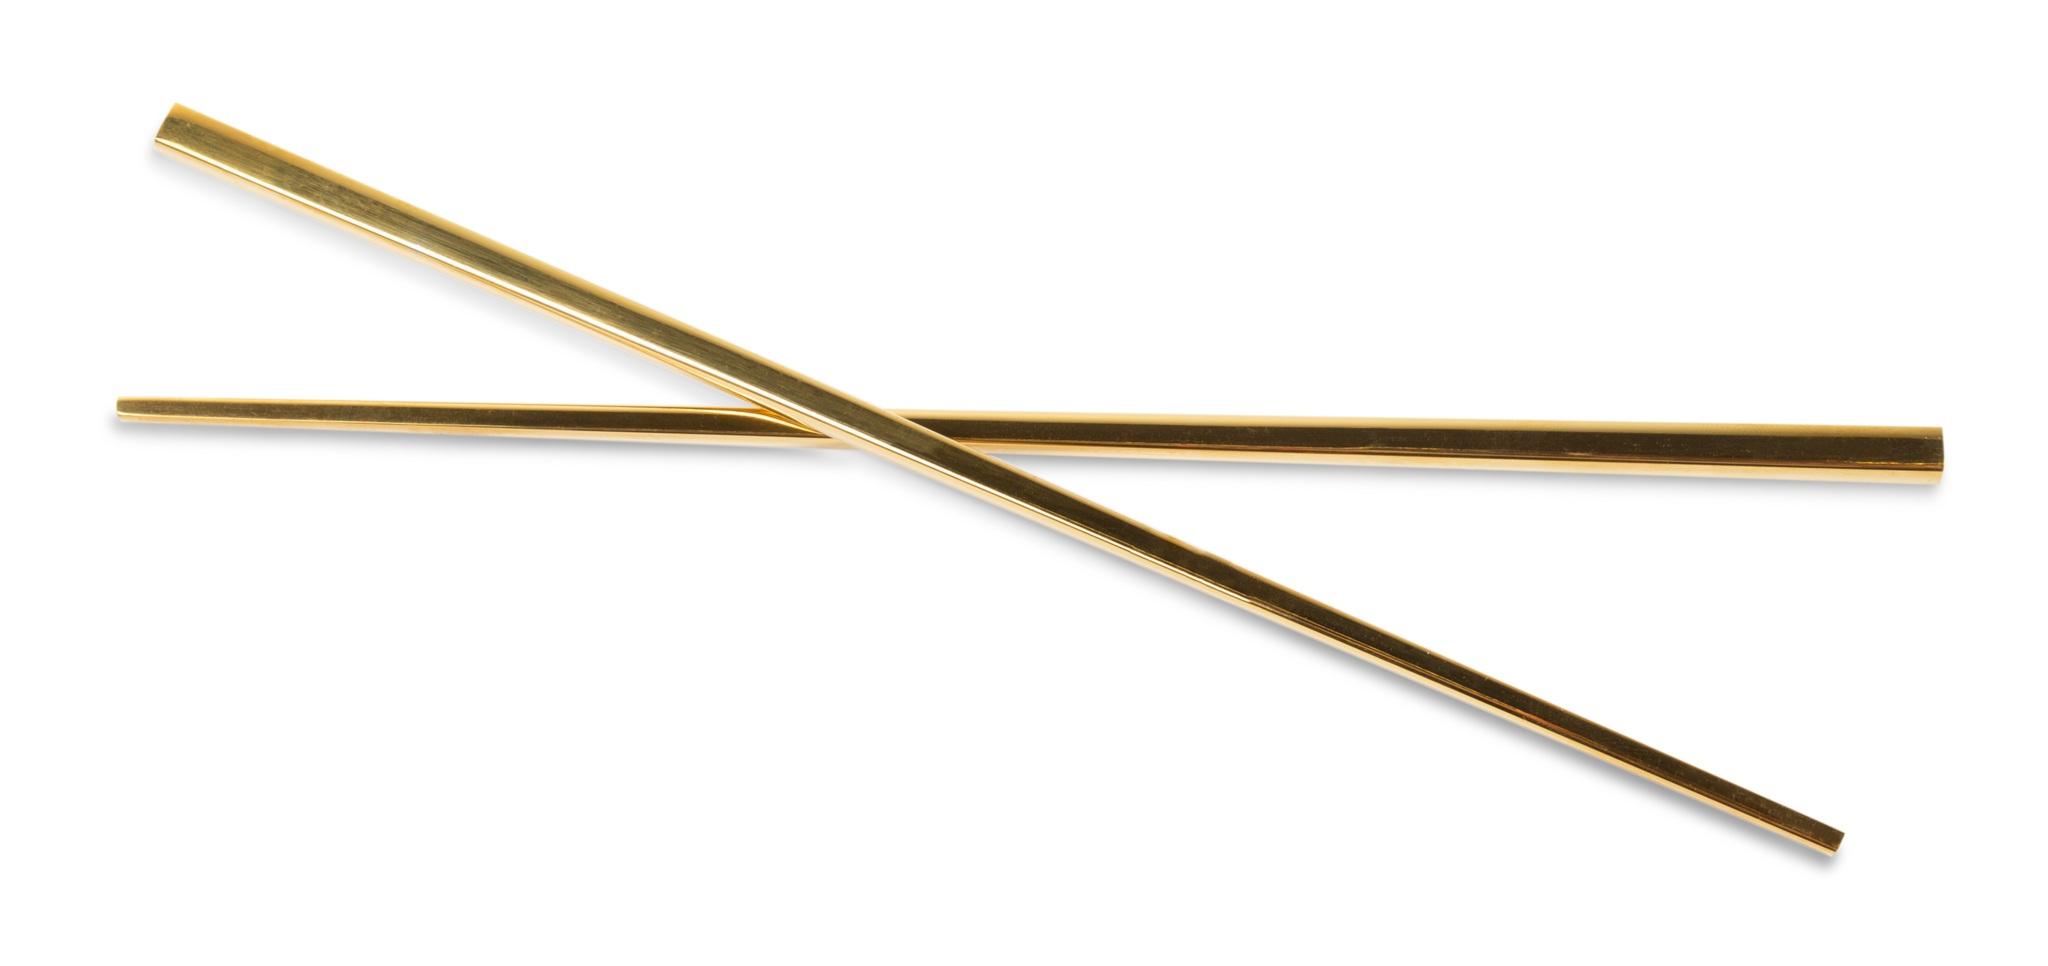 #8 Gold Stainless Steel Chopsticks